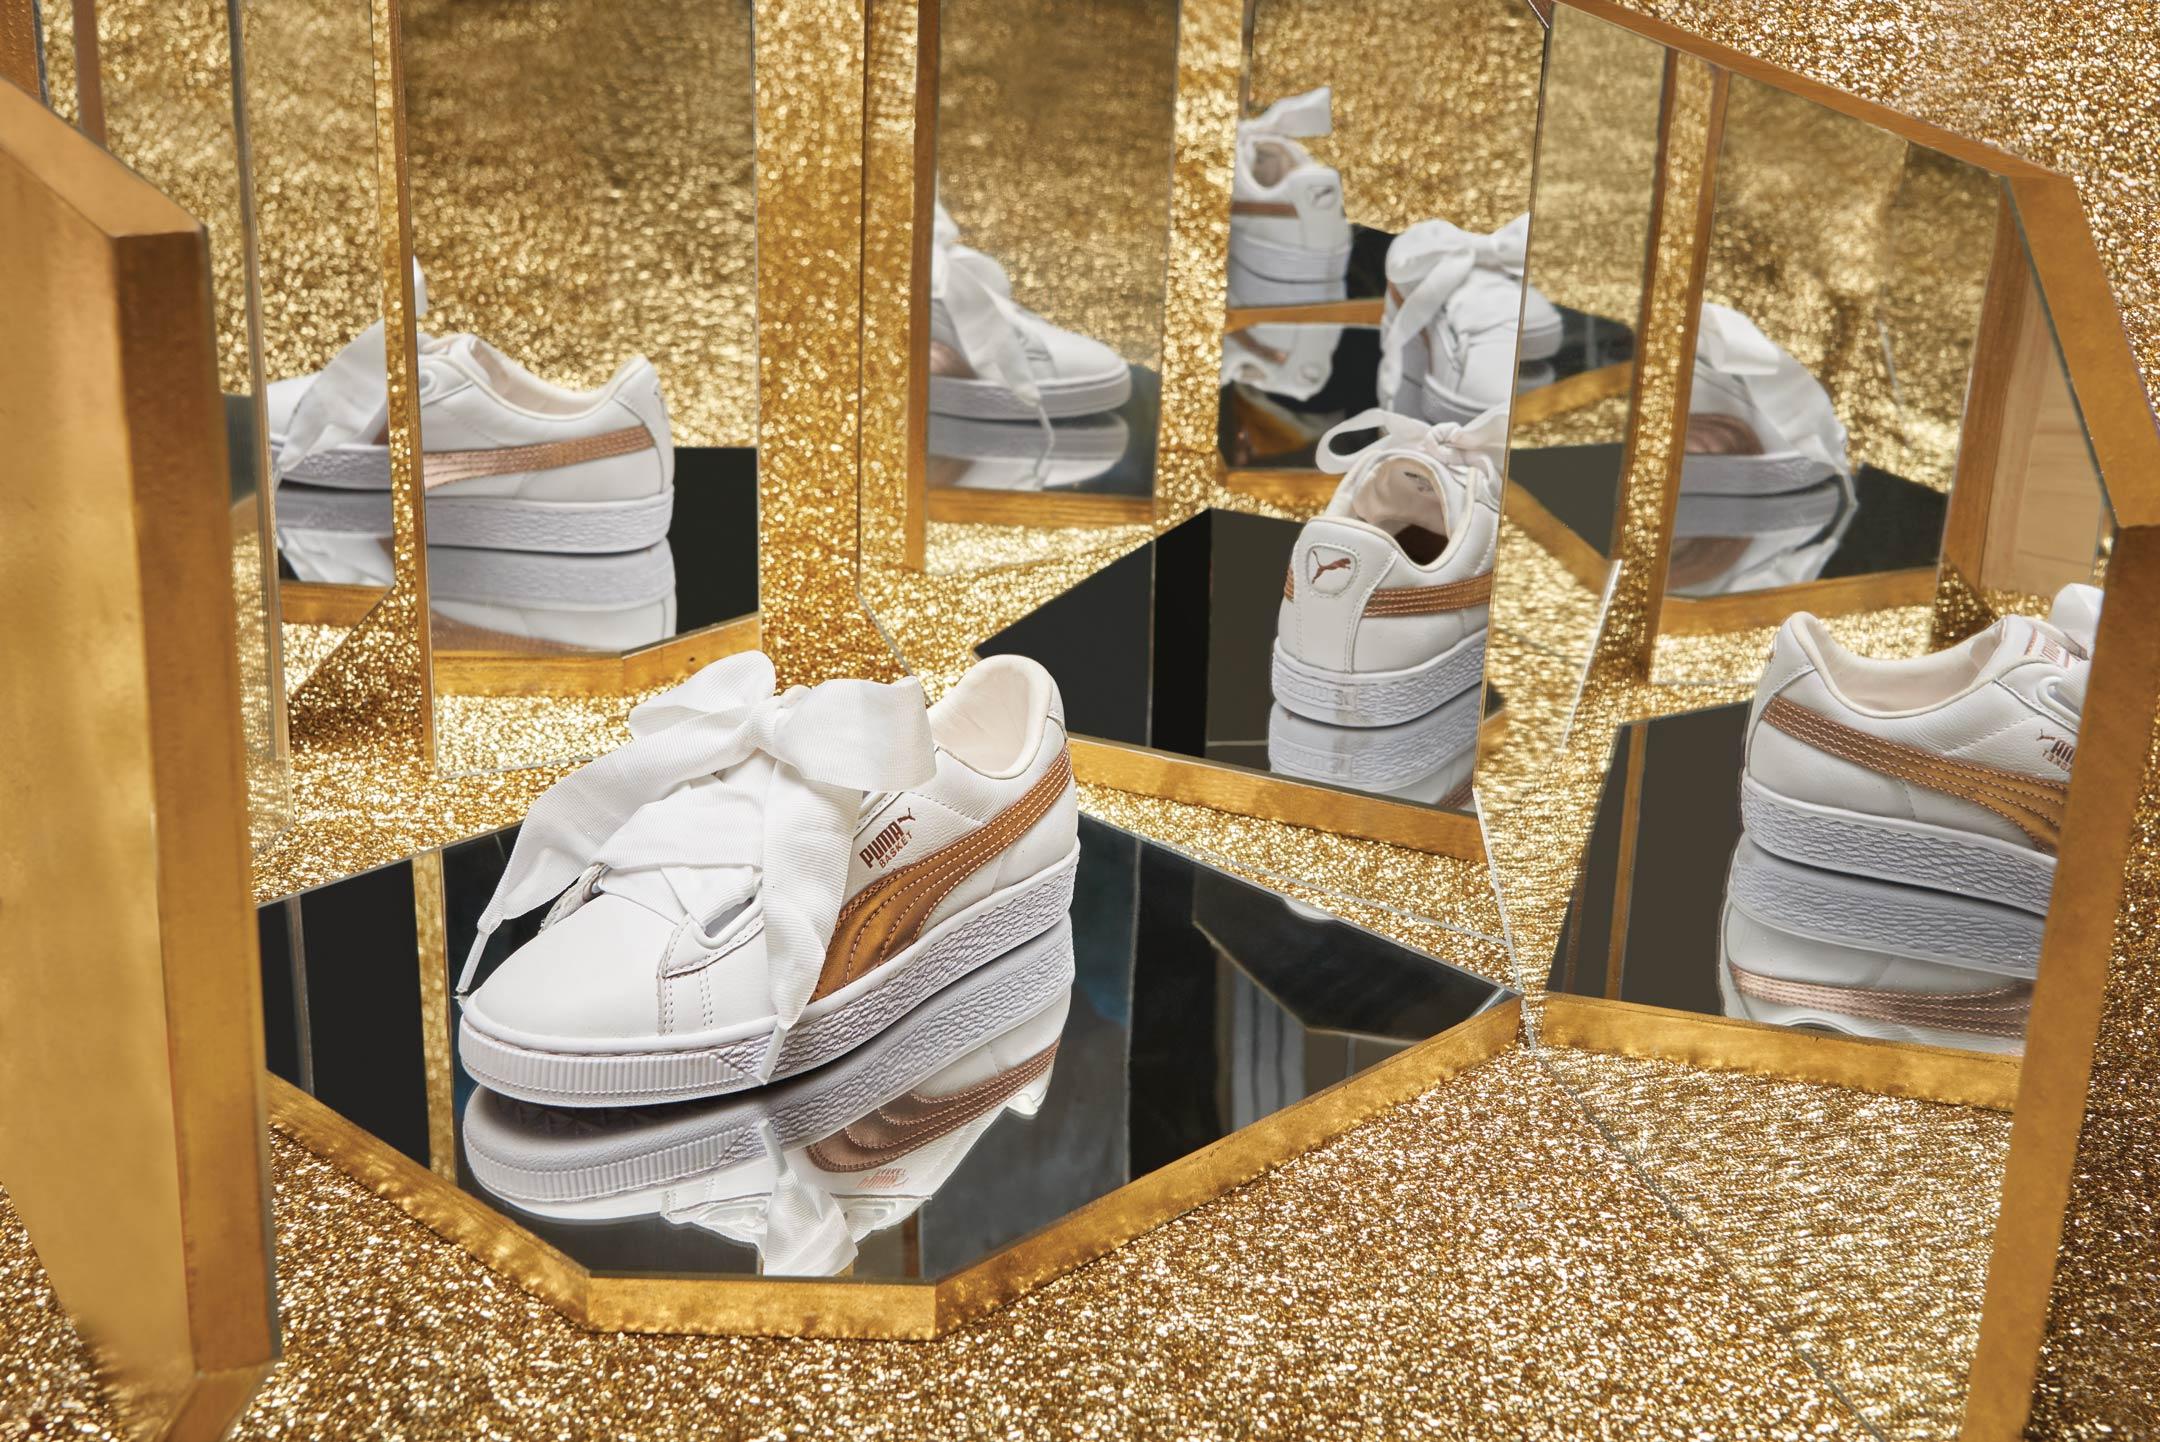 The Precious Pack, la versione 'glam' di sneakers iconiche in vendita da Aw Lab